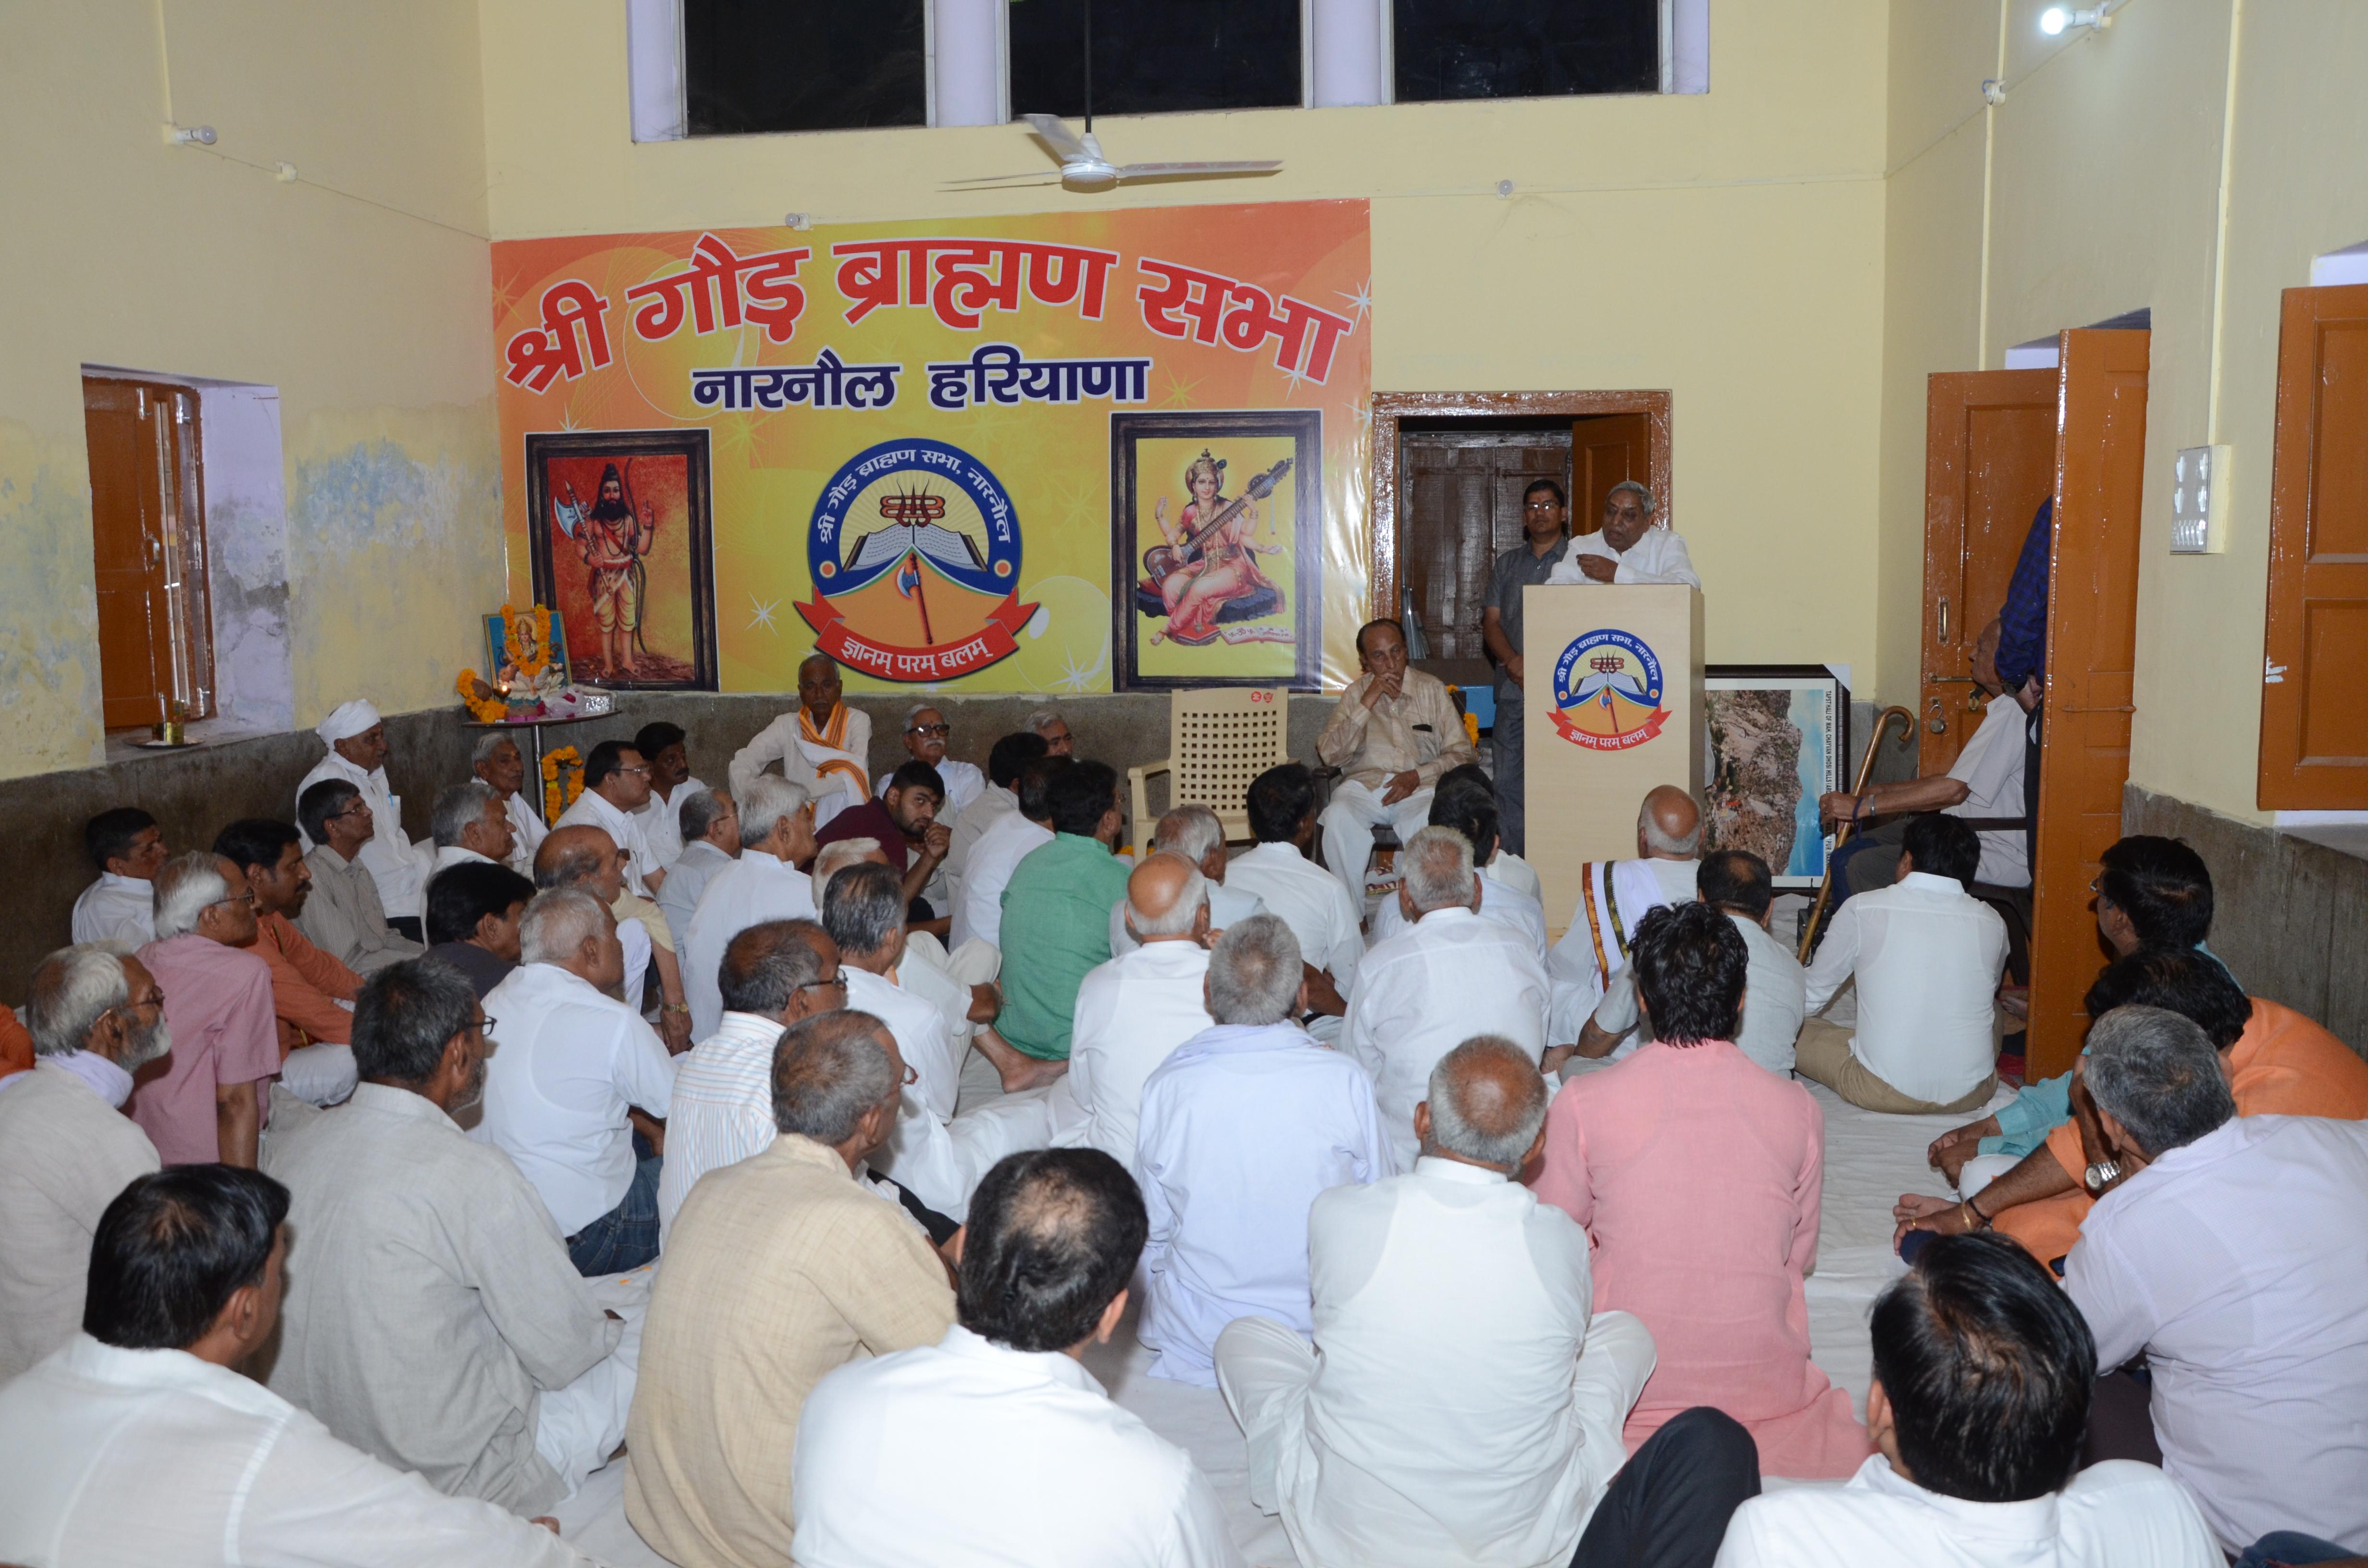 श्री गौड़ ब्राह्मण सभा ने किया भारतीय सहकारी आवास संघ के